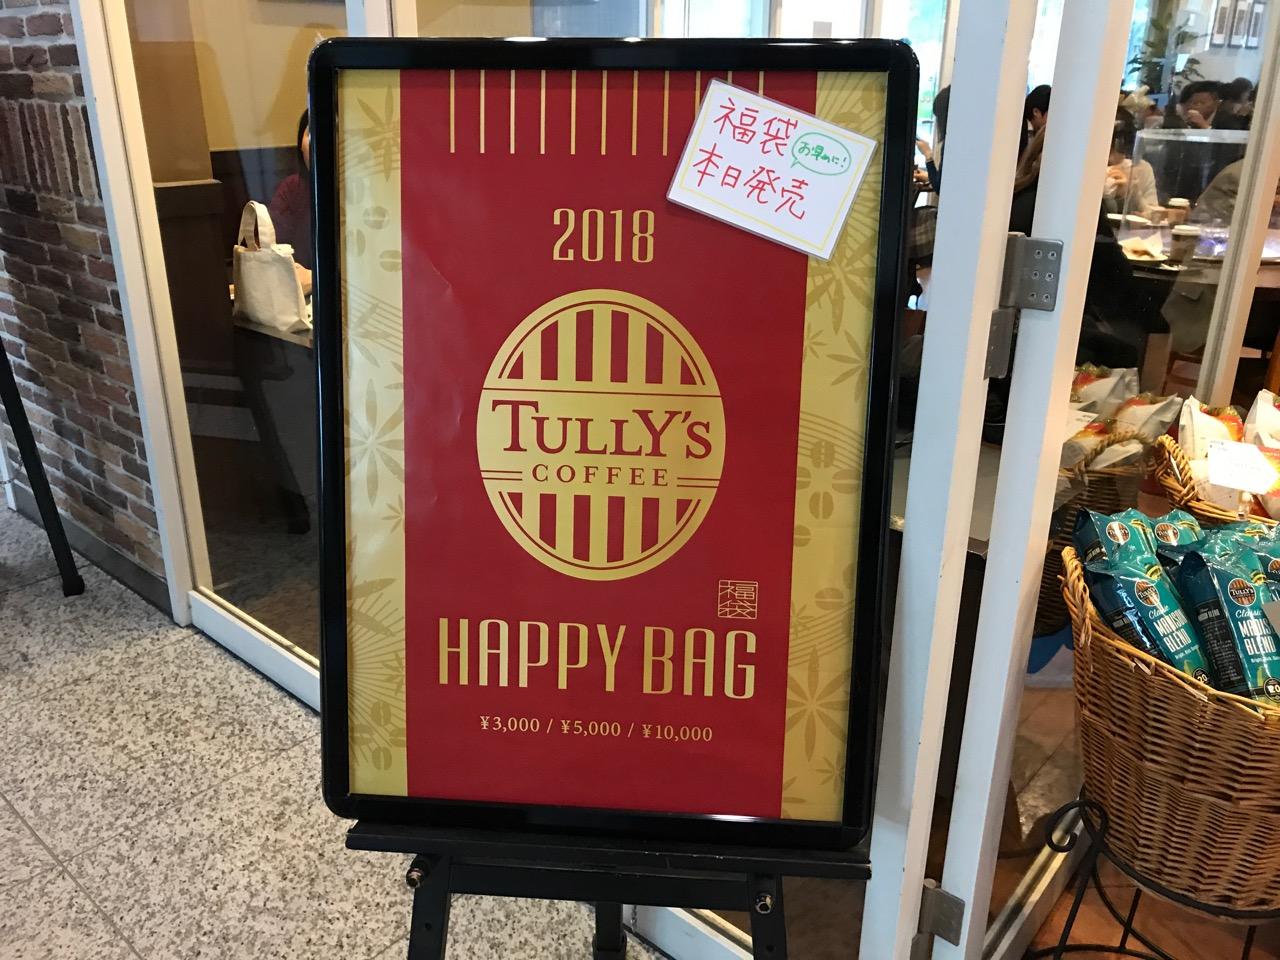 タリーズ豊洲フロント店、3,000円〜の福袋(2018年版)を本日12/27より発売!